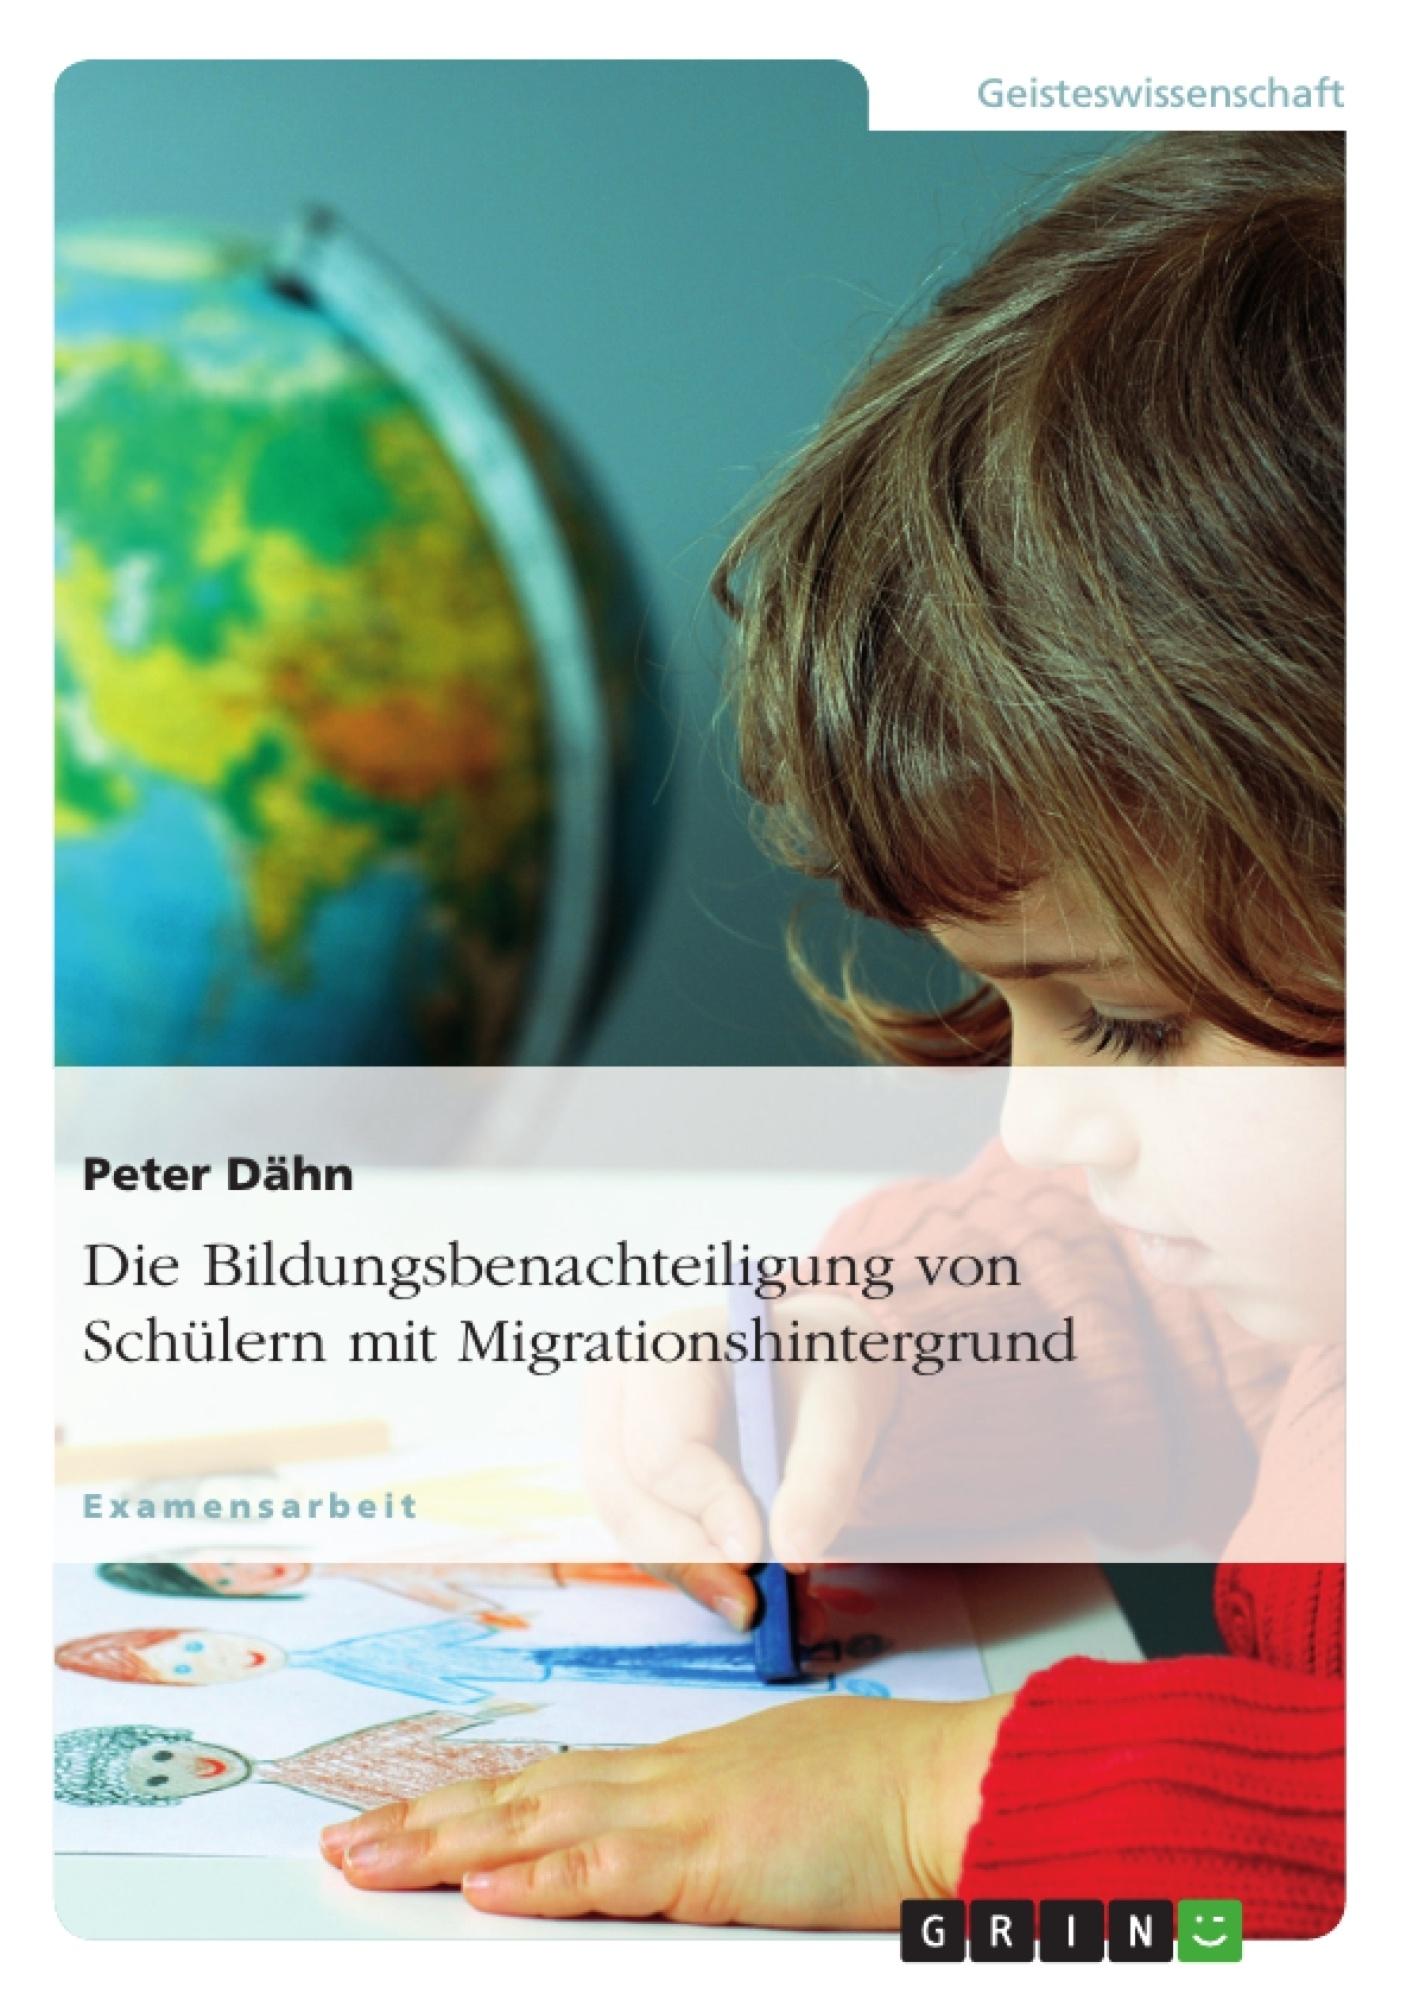 Titel: Die Bildungsbenachteiligung von Schülern mit Migrationshintergrund